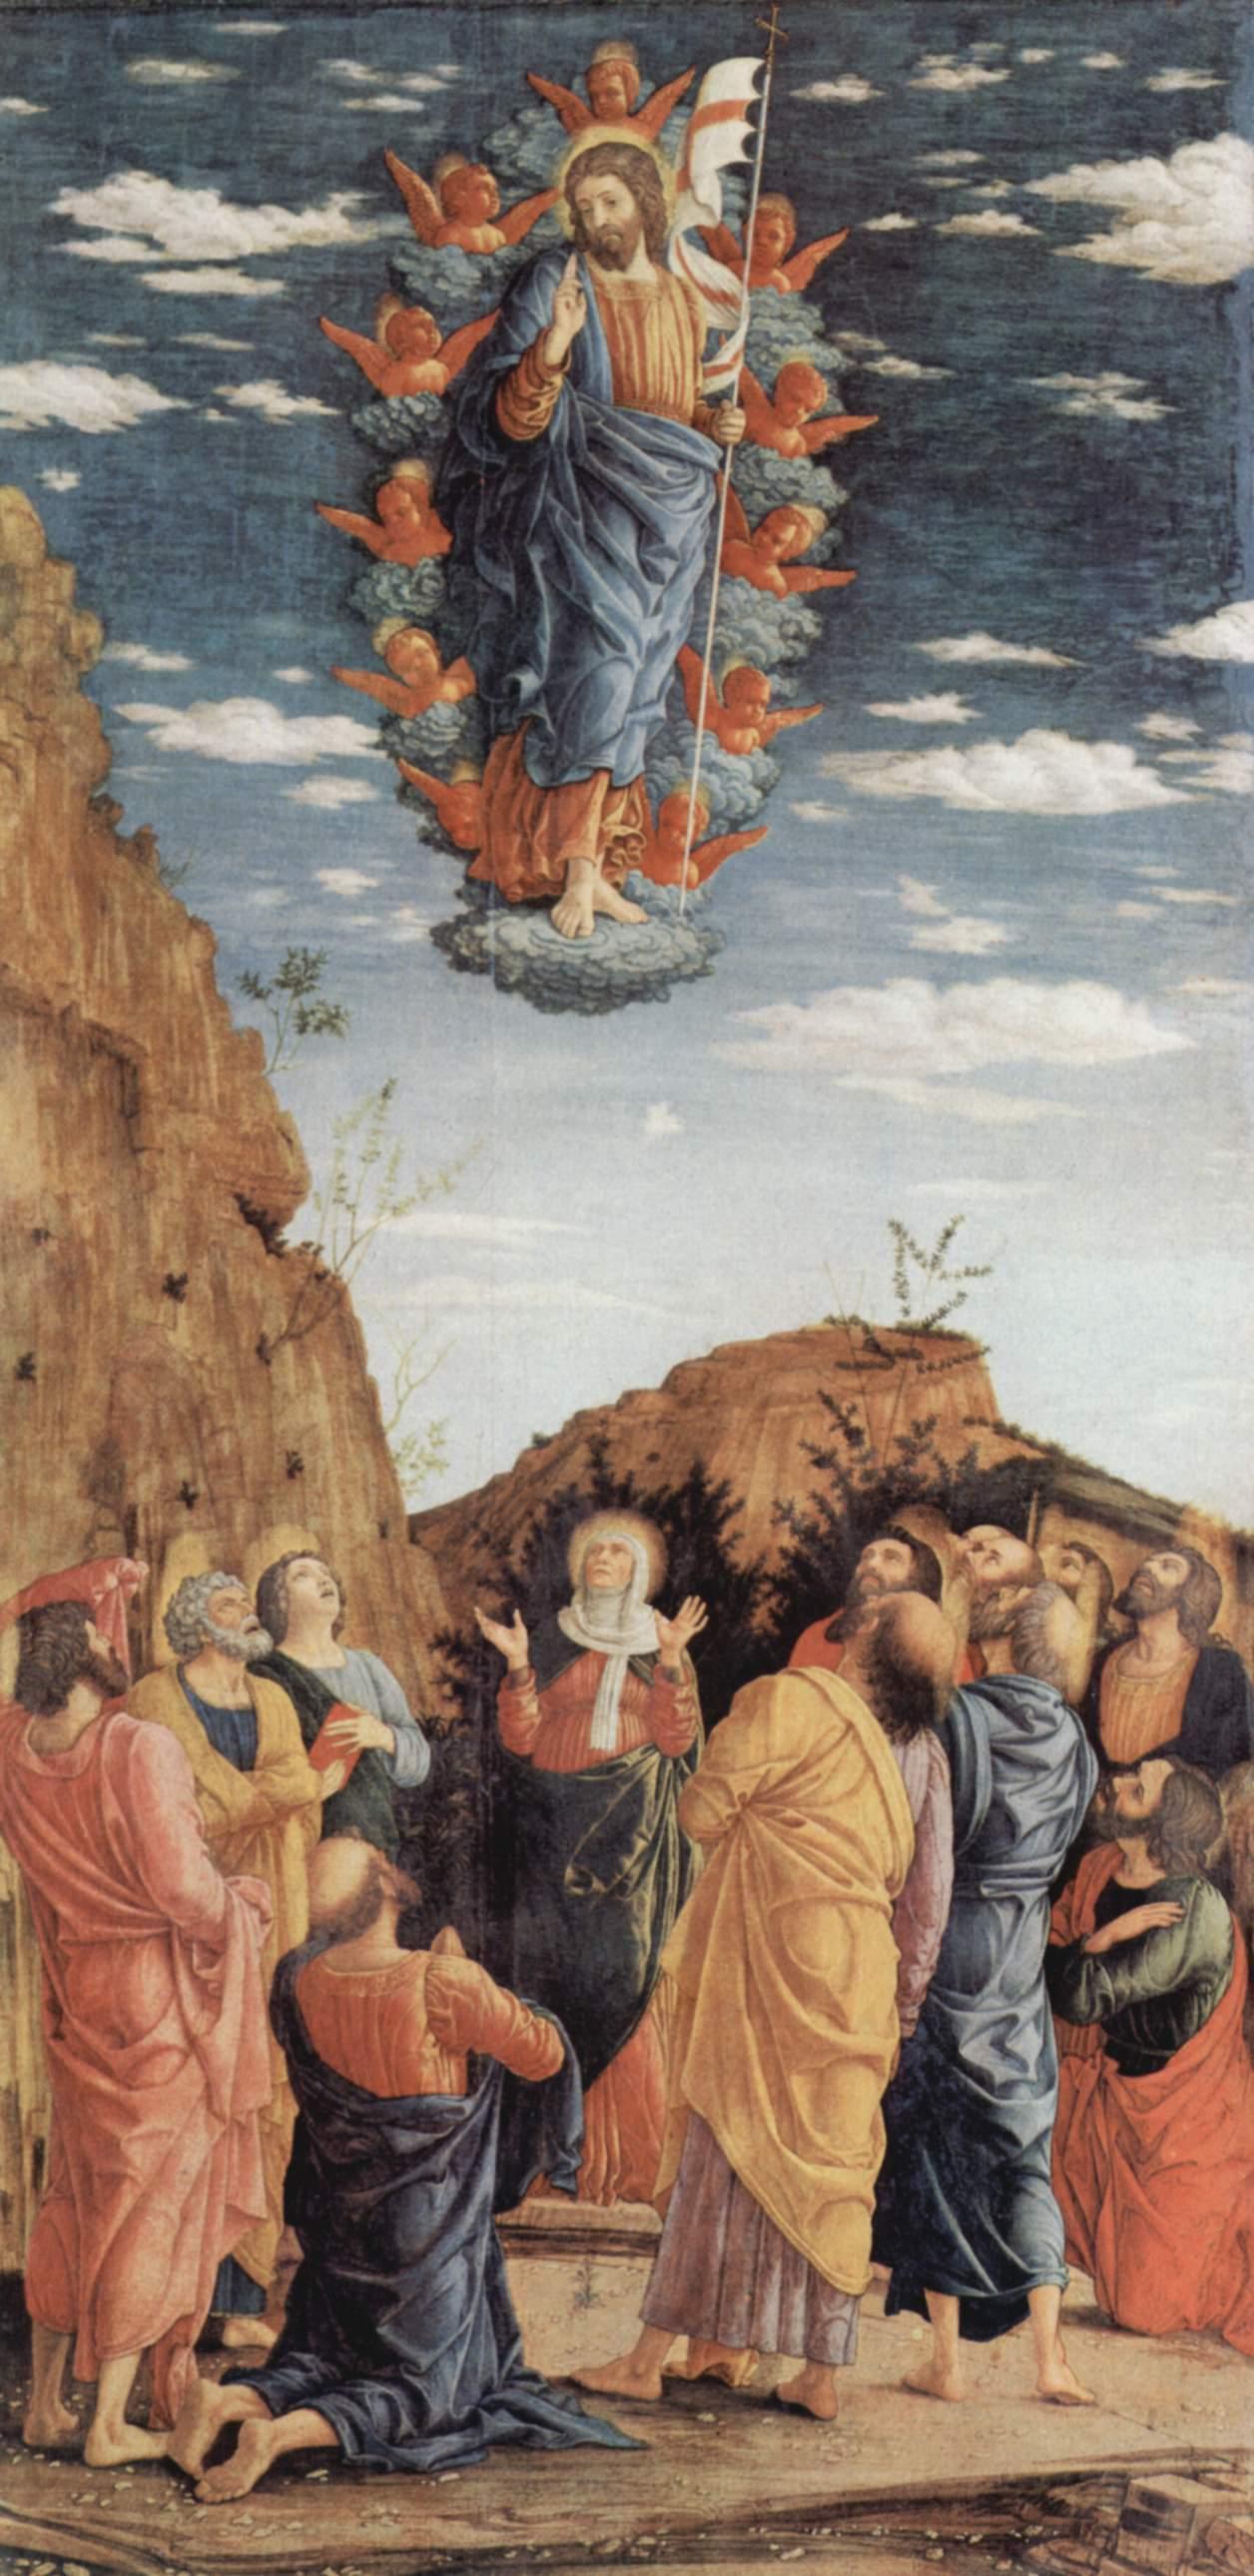 https://i1.wp.com/upload.wikimedia.org/wikipedia/commons/6/66/Andrea_Mantegna_012.jpg